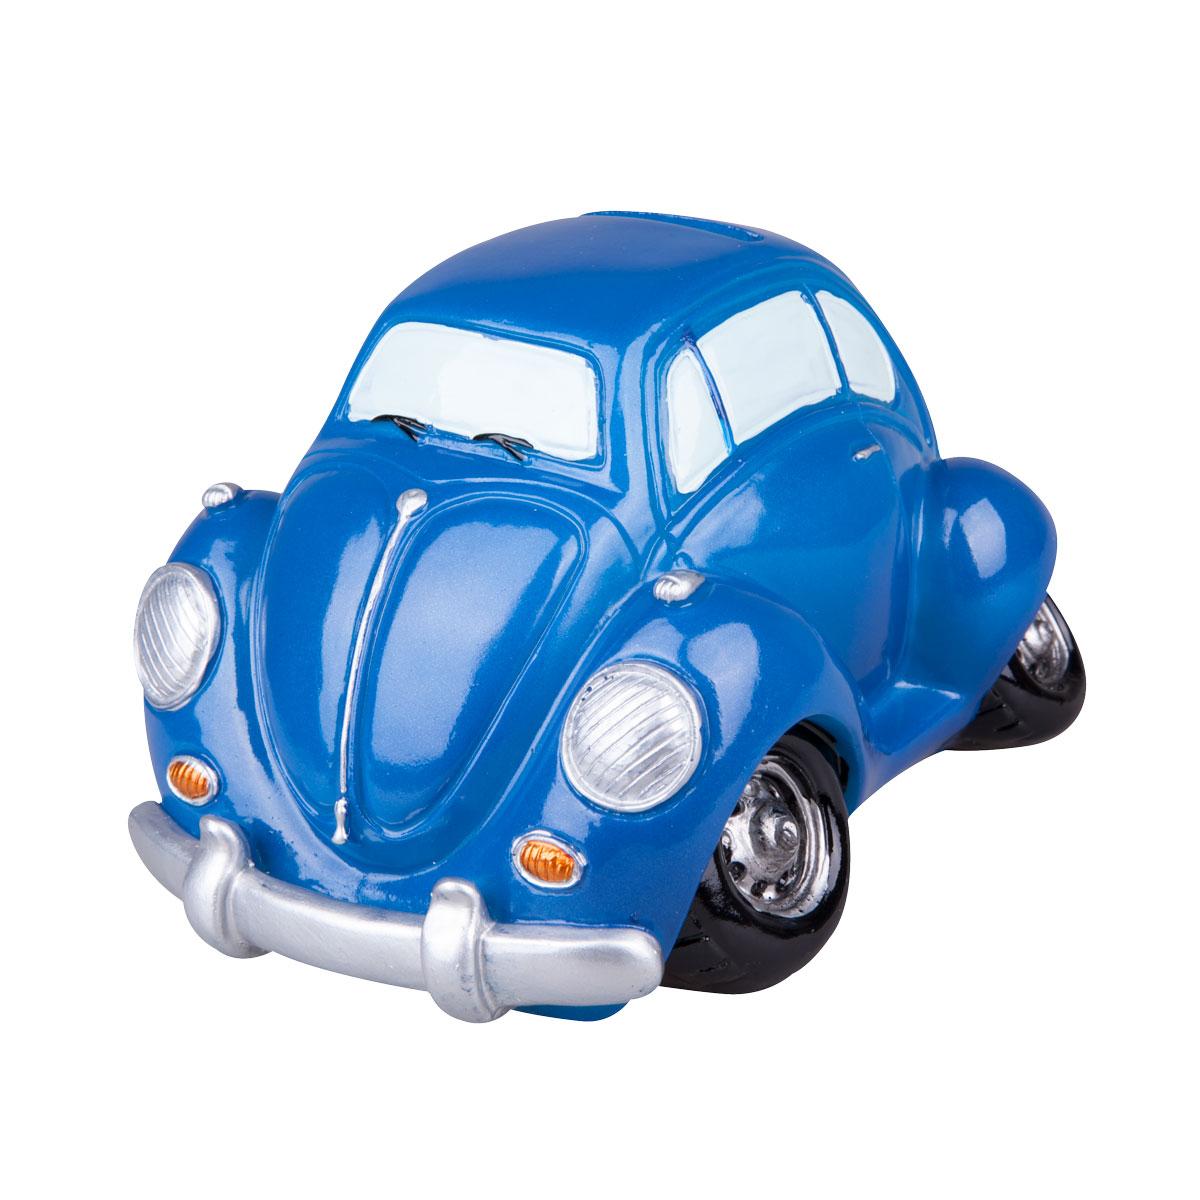 Копилка Miolla Машинка, цвет: синийRL36035Копилка Miolla Машинка, изготовленная из высококачественной полирезины, станет отличным украшением интерьера вашего дома или офиса. Изделие оснащено отверстием для монет и удобным клапаном на дне, через который можно достать деньги.Яркий оригинальный дизайн сделает такую копилку прекрасным подарком. Она послужит не только по своему прямому назначению, но и красиво дополнит интерьер комнаты.